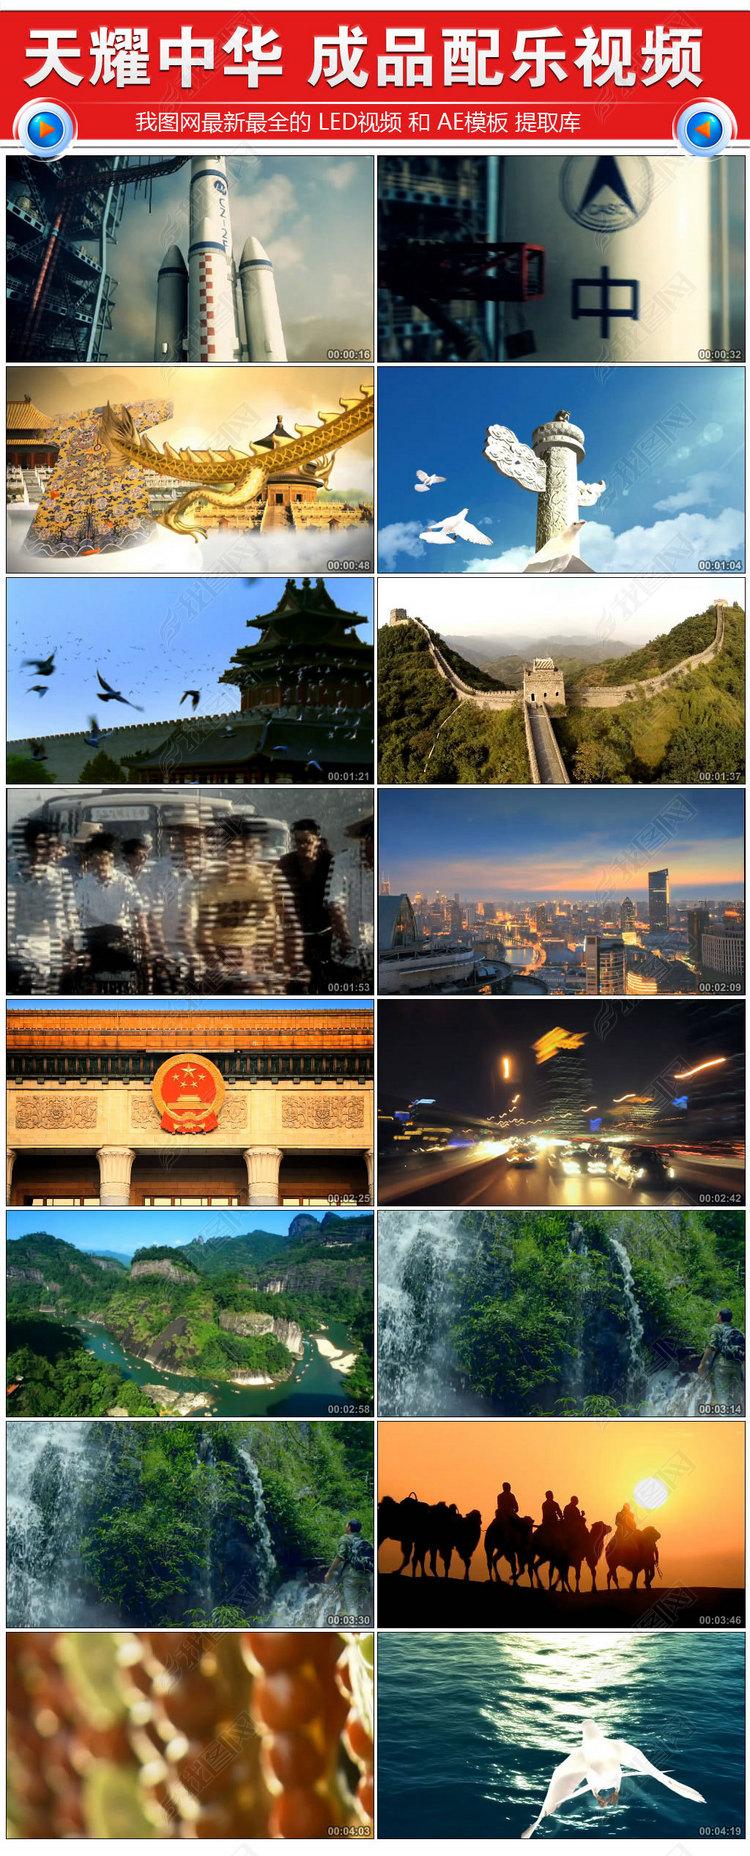 天耀中华中国梦党政红歌LED视频